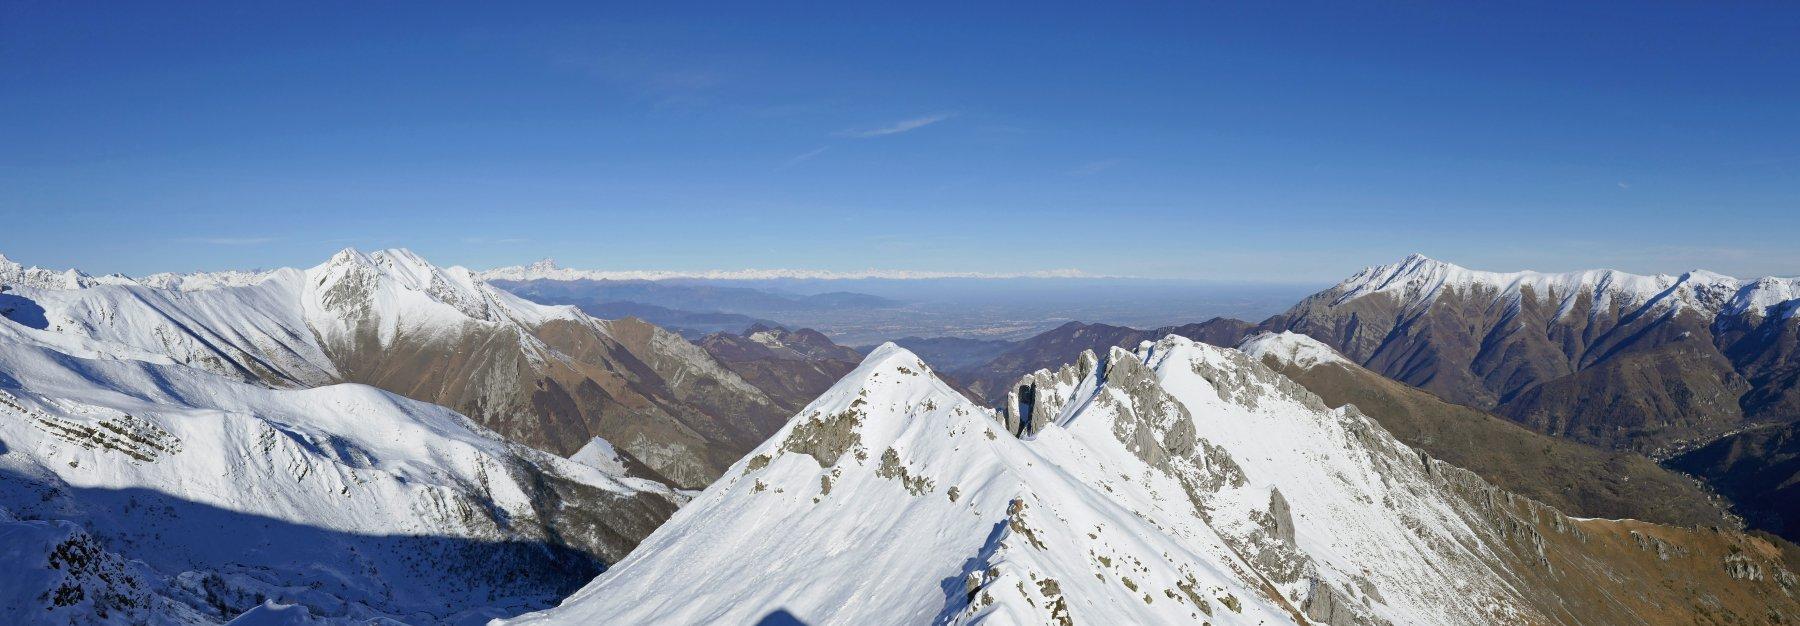 Panoramica dalla cima Giosolette